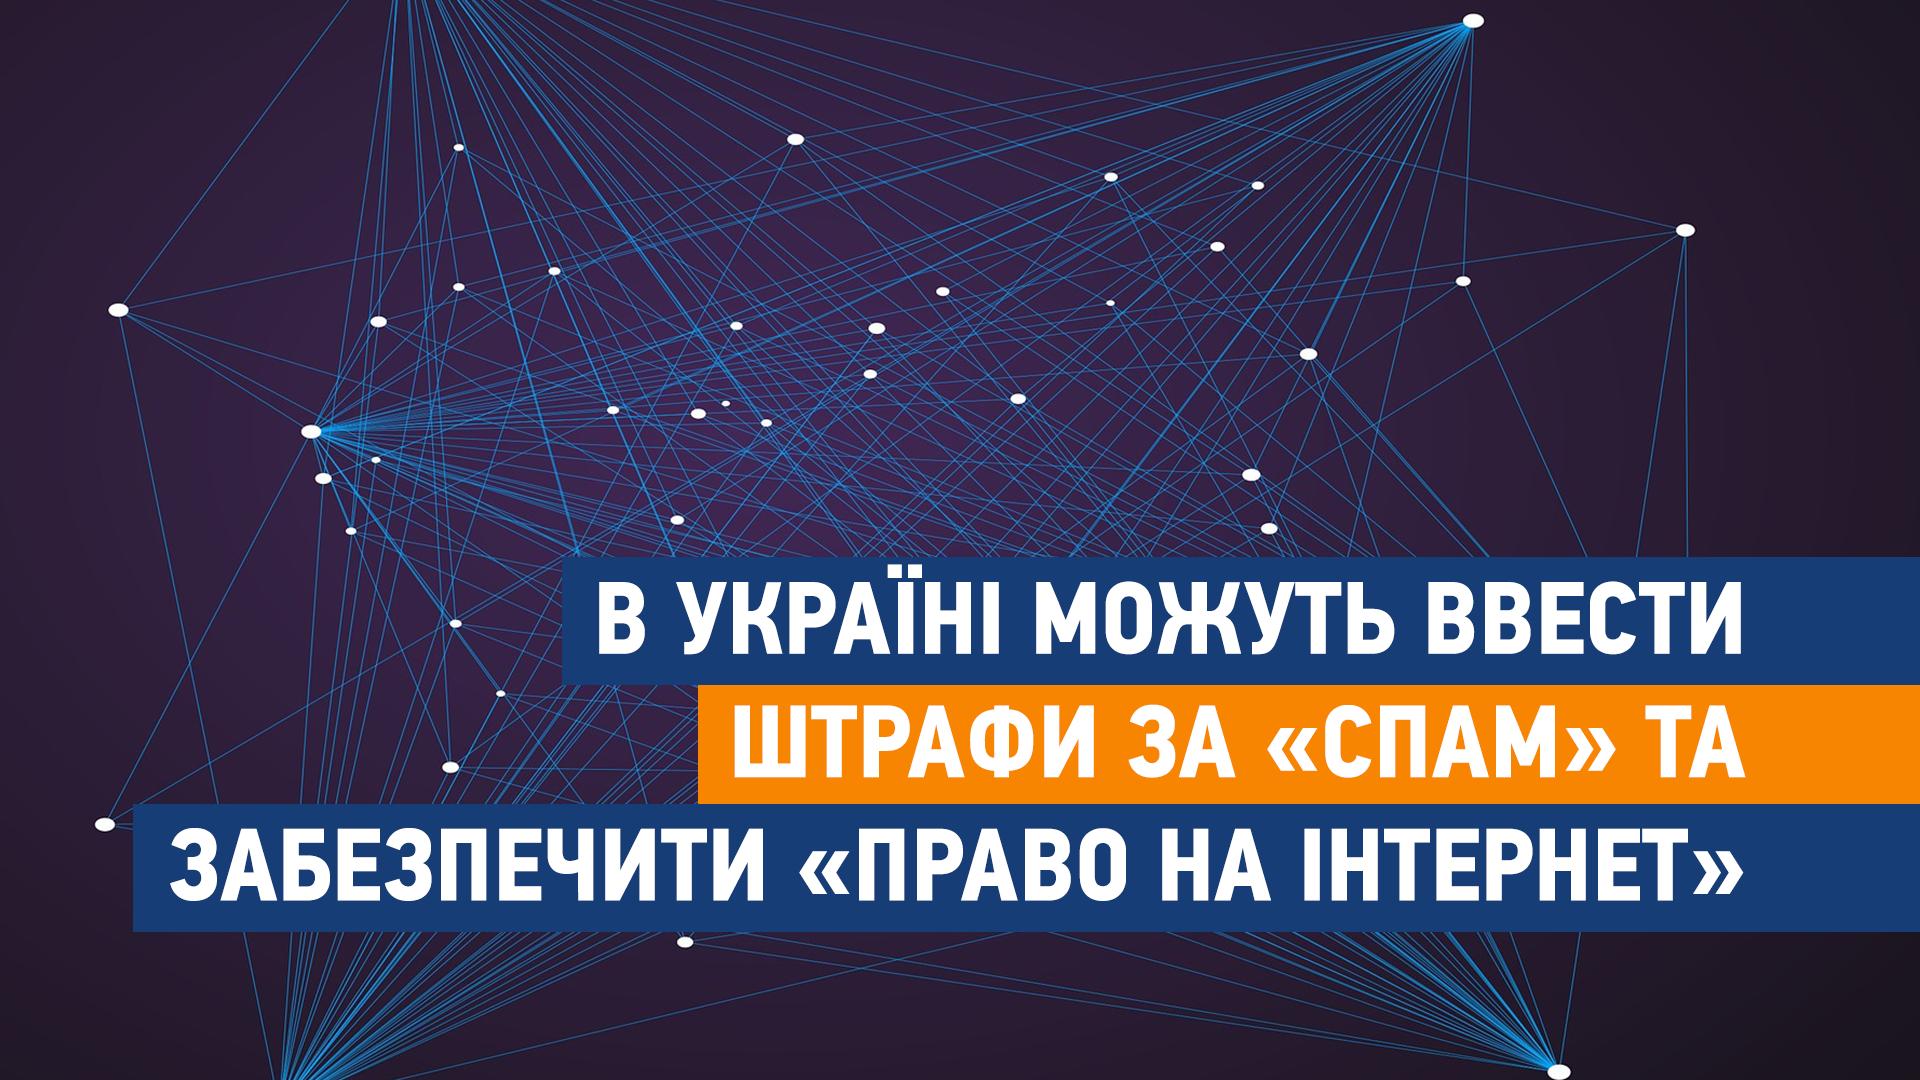 Інтернет кожному українцю й штрафи за «спам»: уряд отримав нову редакцію проєкту закону «Про електронні комунікації» - інтернет, законопроєкт, Влада - ethernet poglyad